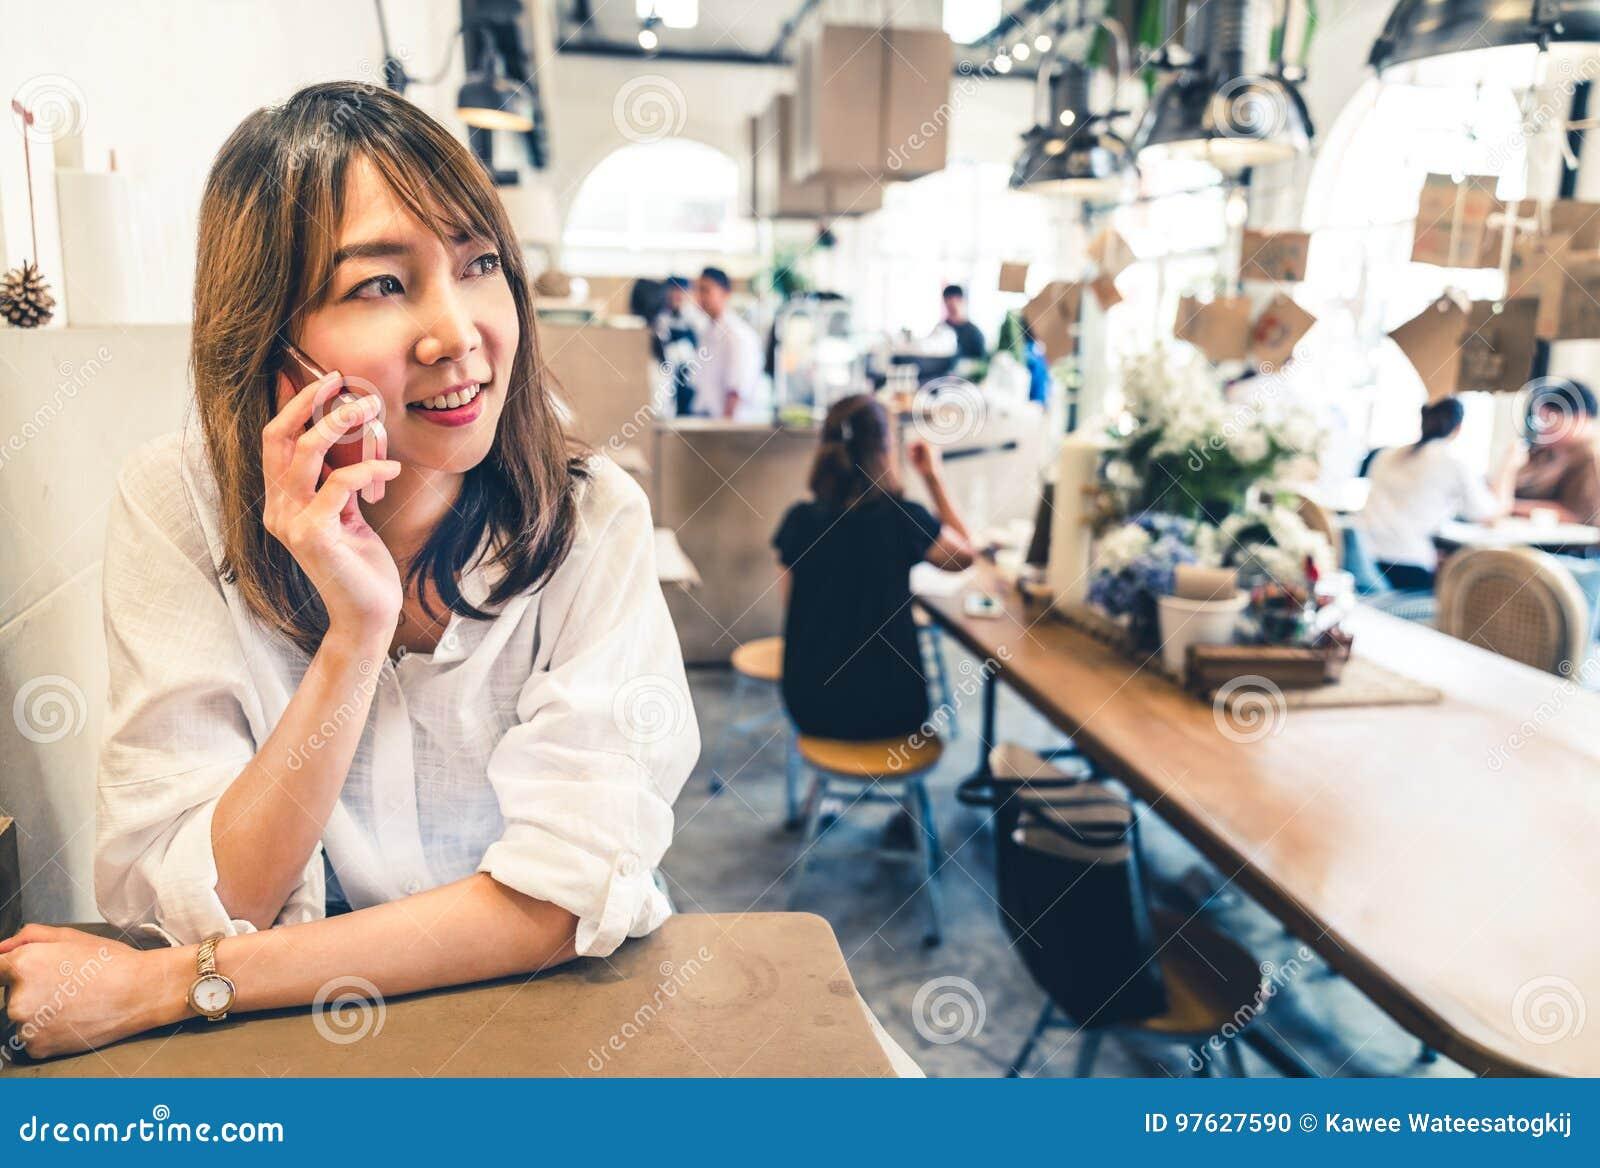 Νέα και όμορφη ασιατική γυναίκα που μιλά στο κινητό τηλέφωνο στη καφετερία, την επικοινωνία ή την περιστασιακή έννοια τρόπου ζωής